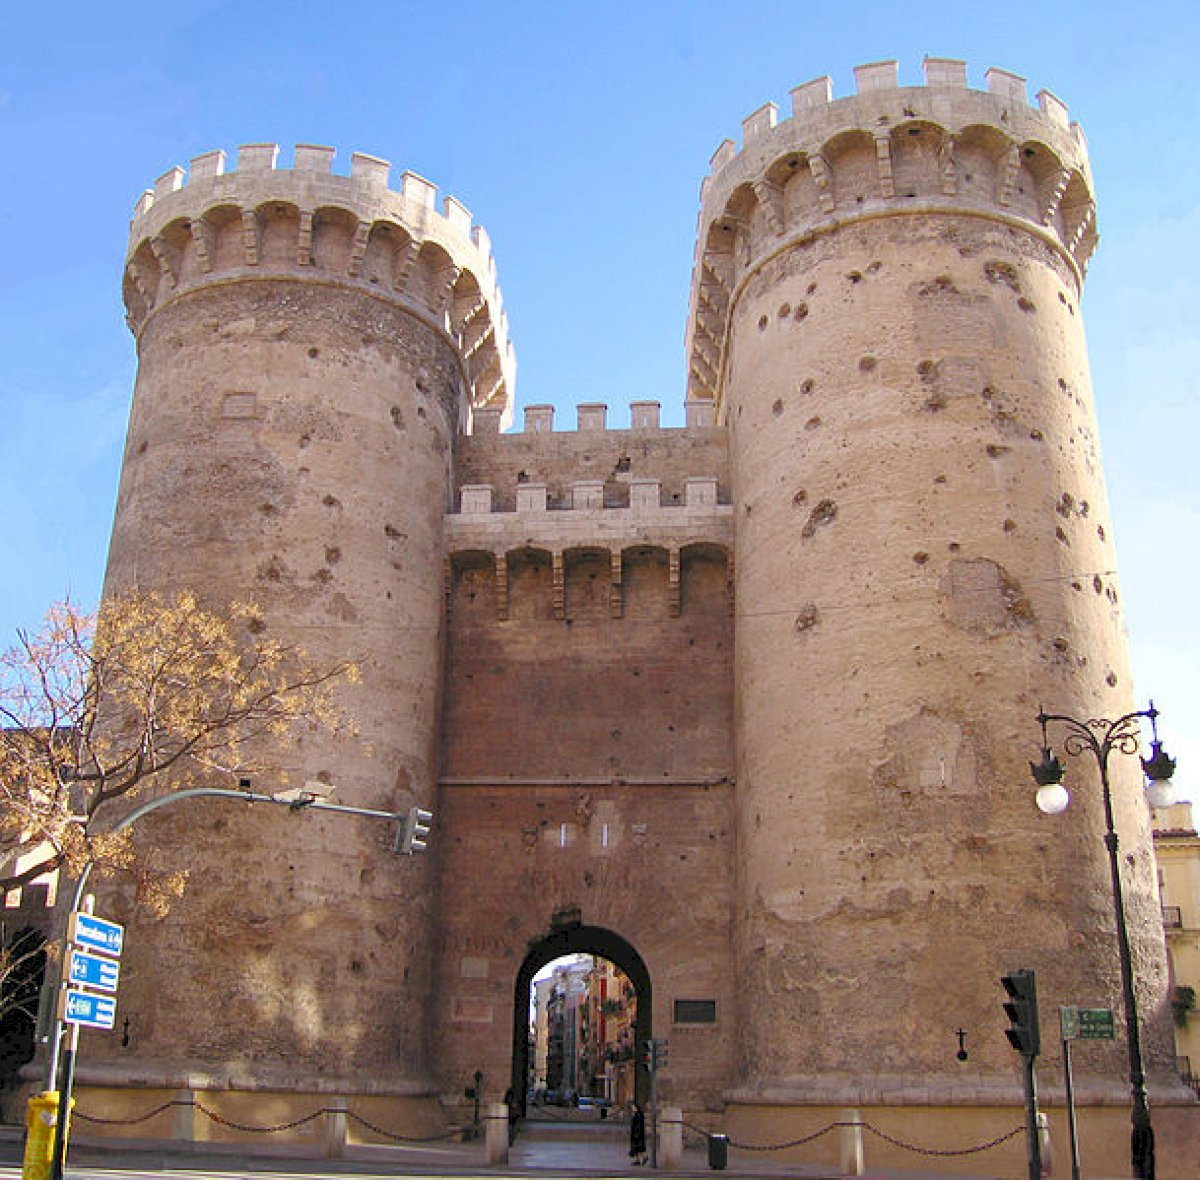 Tours de Quart à Valence